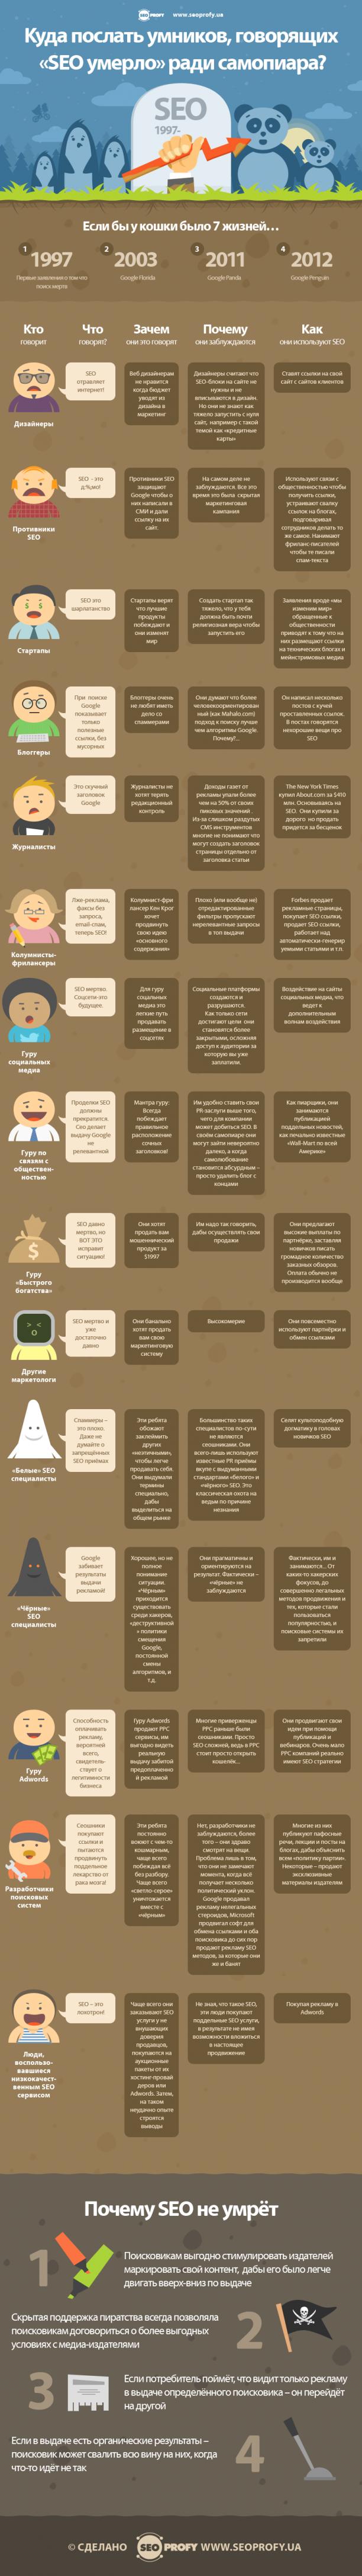 Инфографика: куда послать умников, говорящих «SEO умерло» ради самопиара?